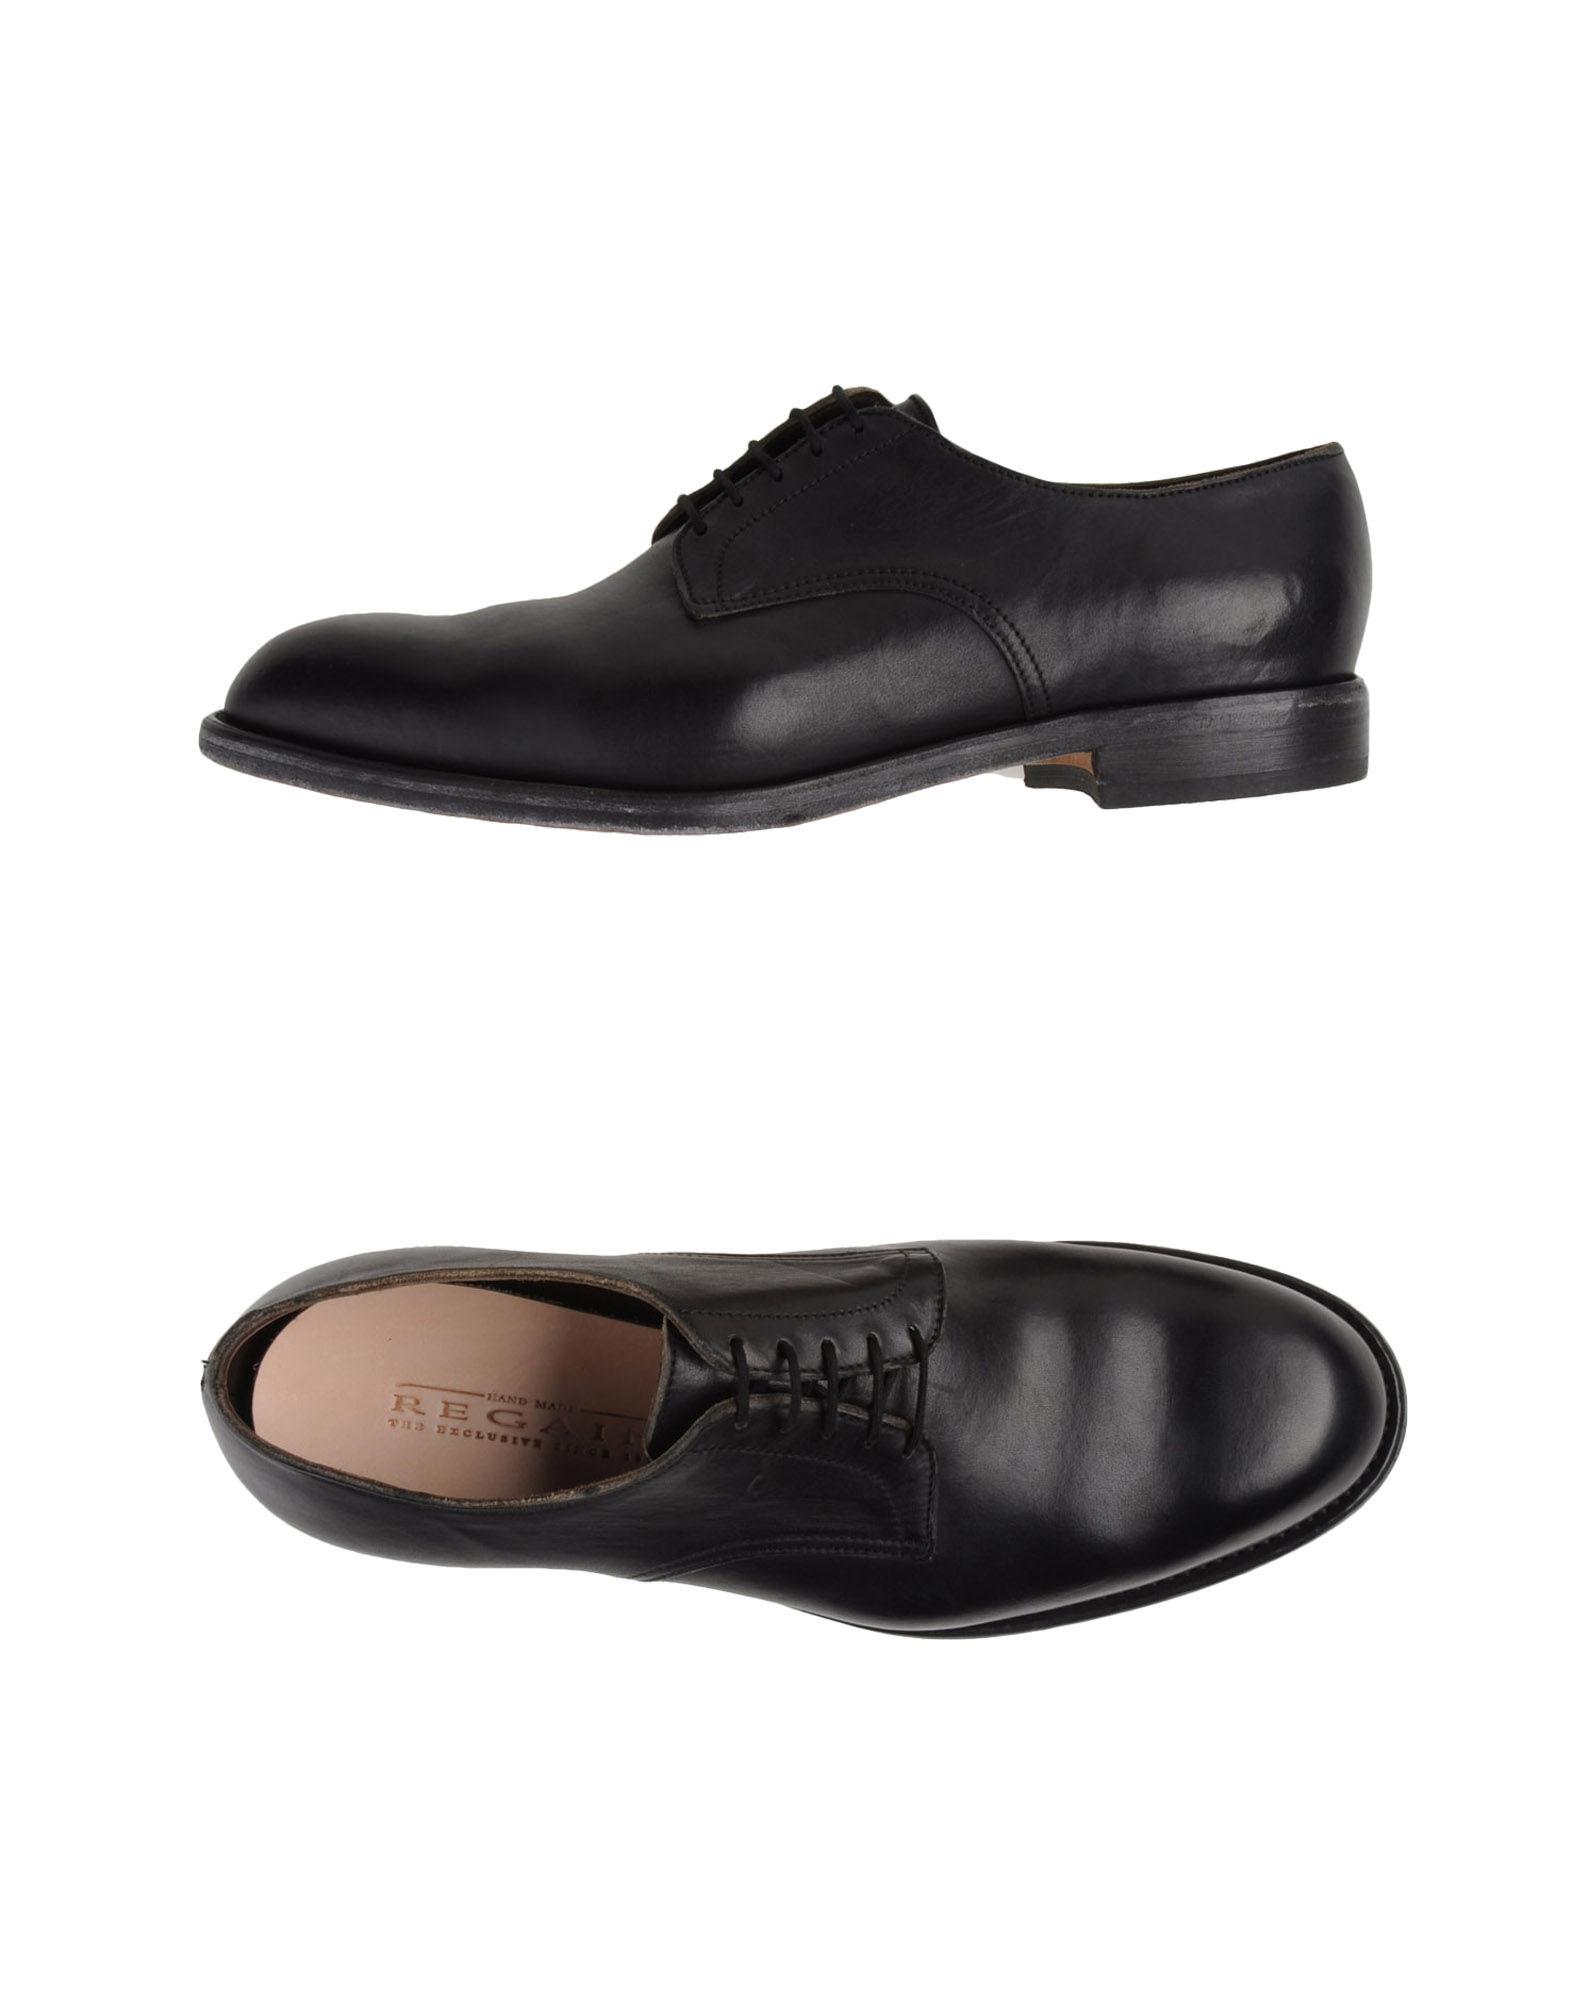 Фото - REGAIN Обувь на шнурках обувь на высокой платформе dkny